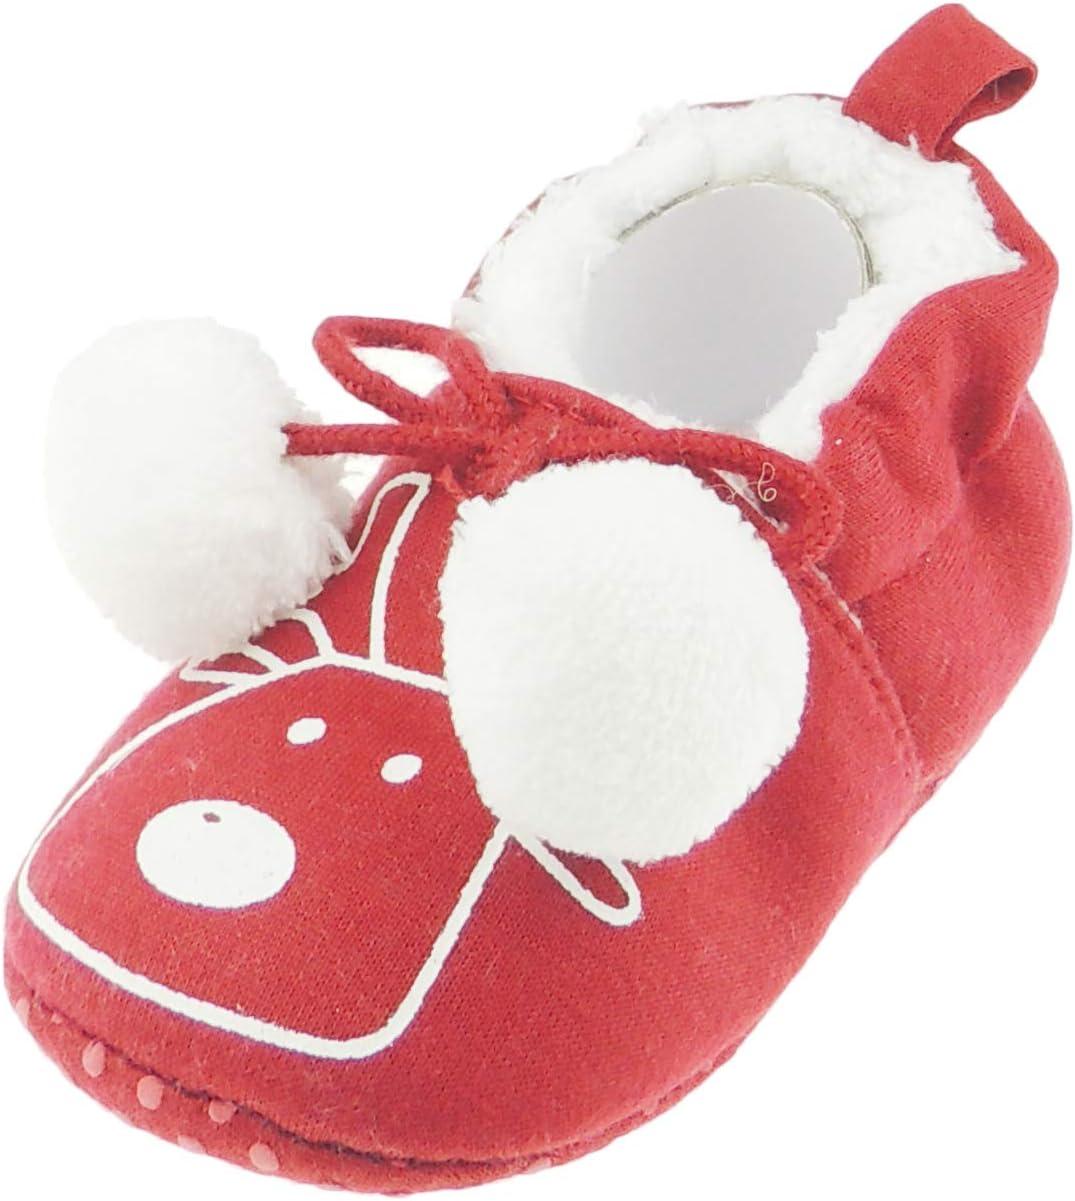 Cochecito navide/ño con pomp/ón color rojo multicolor Talla:0-3 Meses dise/ño de reno Adorable Rudolph Rudolph